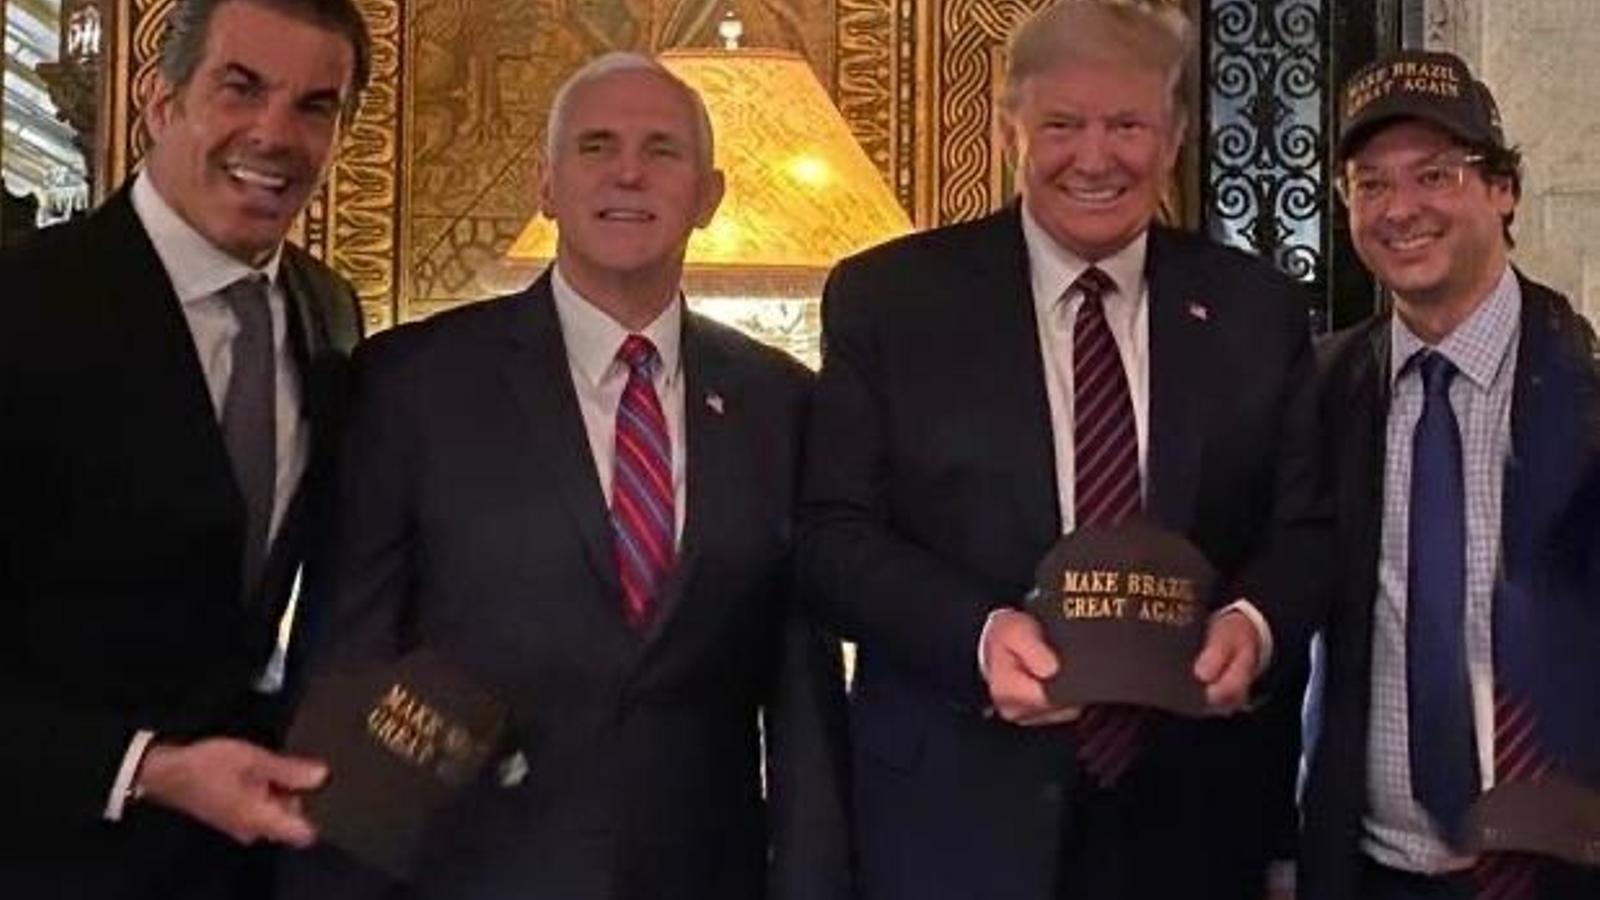 Wajngarten, a la dreta amb una gorra de 'Fes el Brasil gran un altre cop',  al costa de Donald Trump i el vicepresident Pence